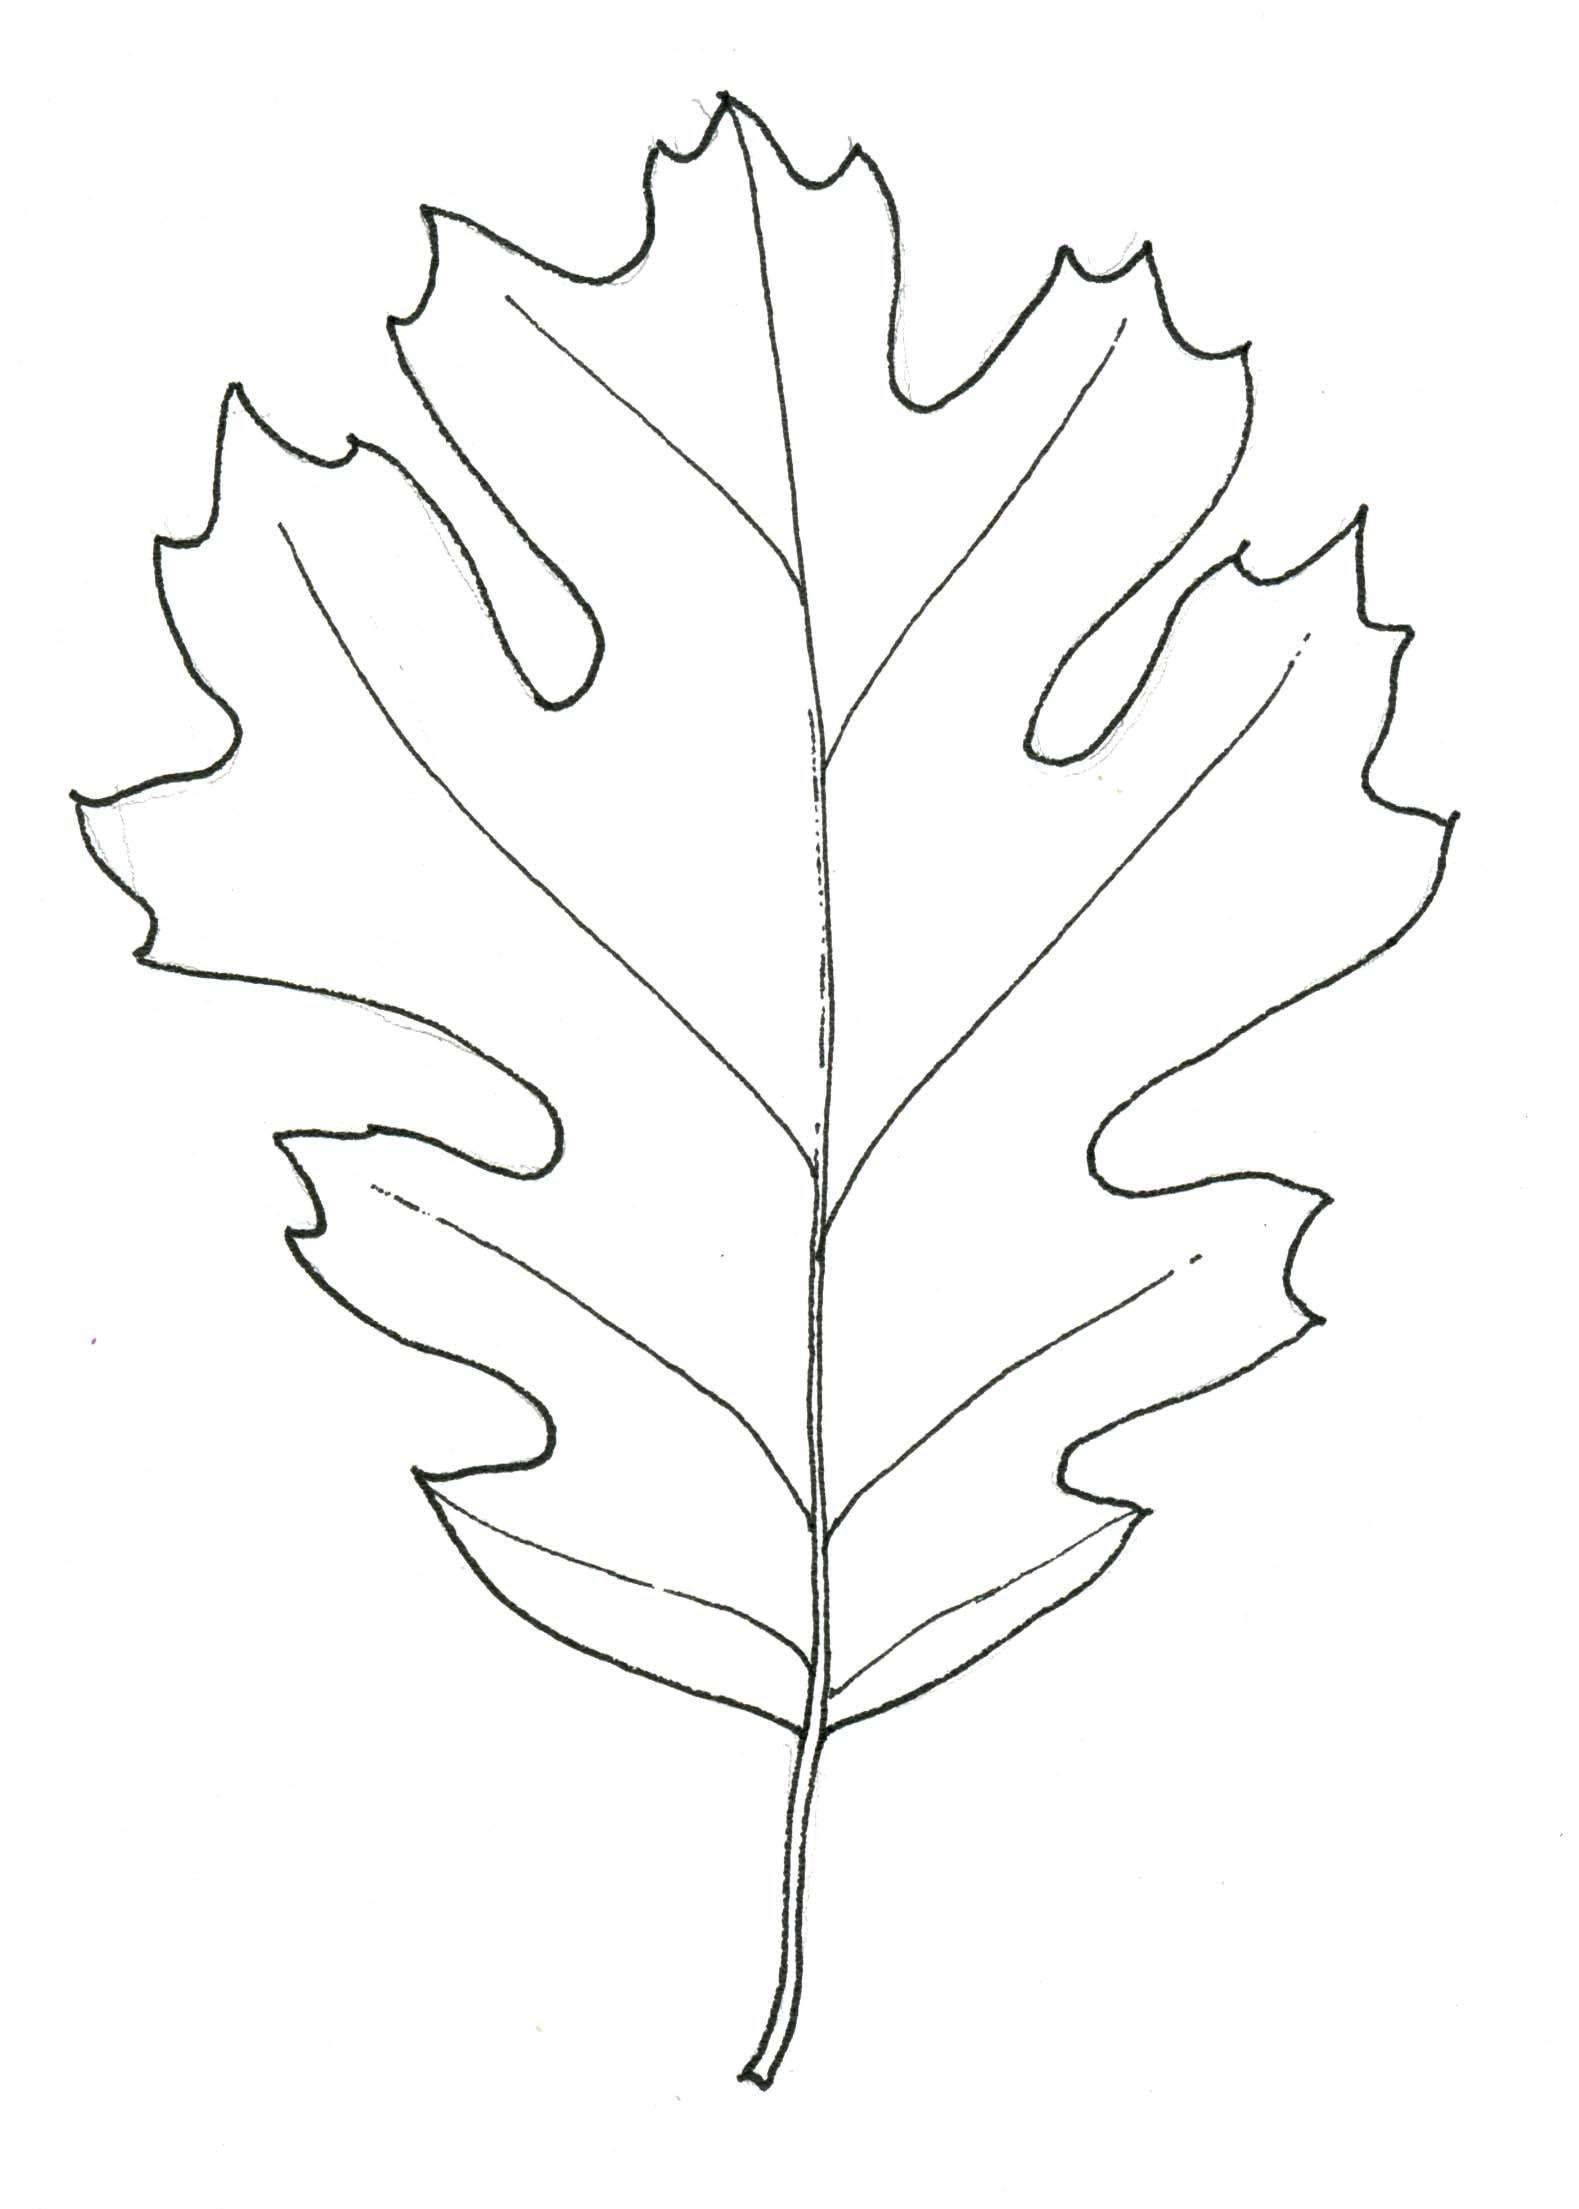 Black Oak Leaf Stippleboard 3